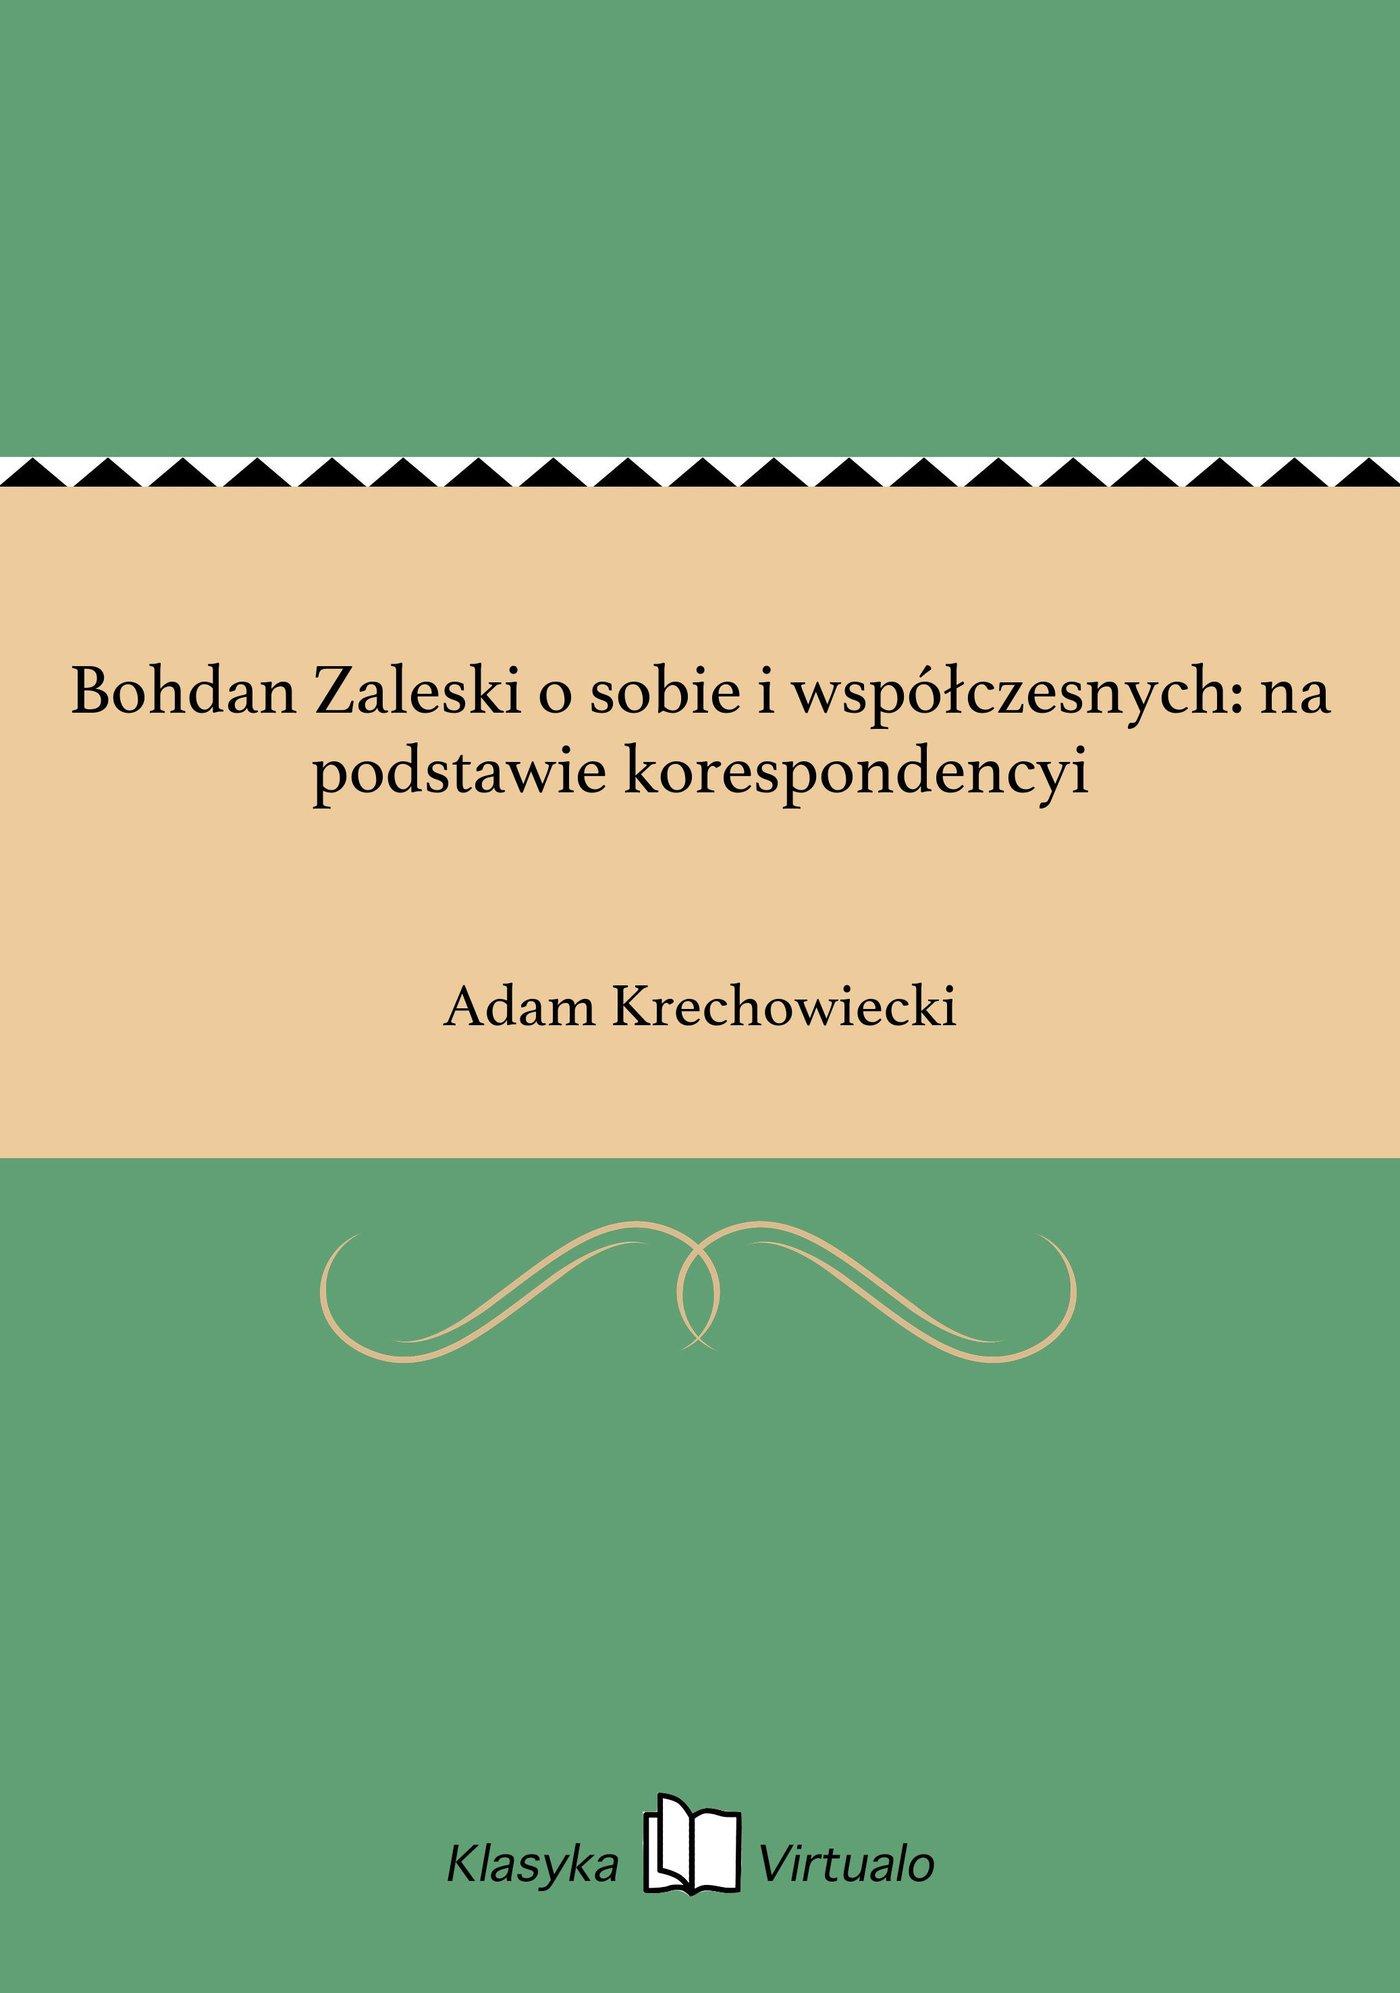 Bohdan Zaleski o sobie i współczesnych: na podstawie korespondencyi - Ebook (Książka na Kindle) do pobrania w formacie MOBI